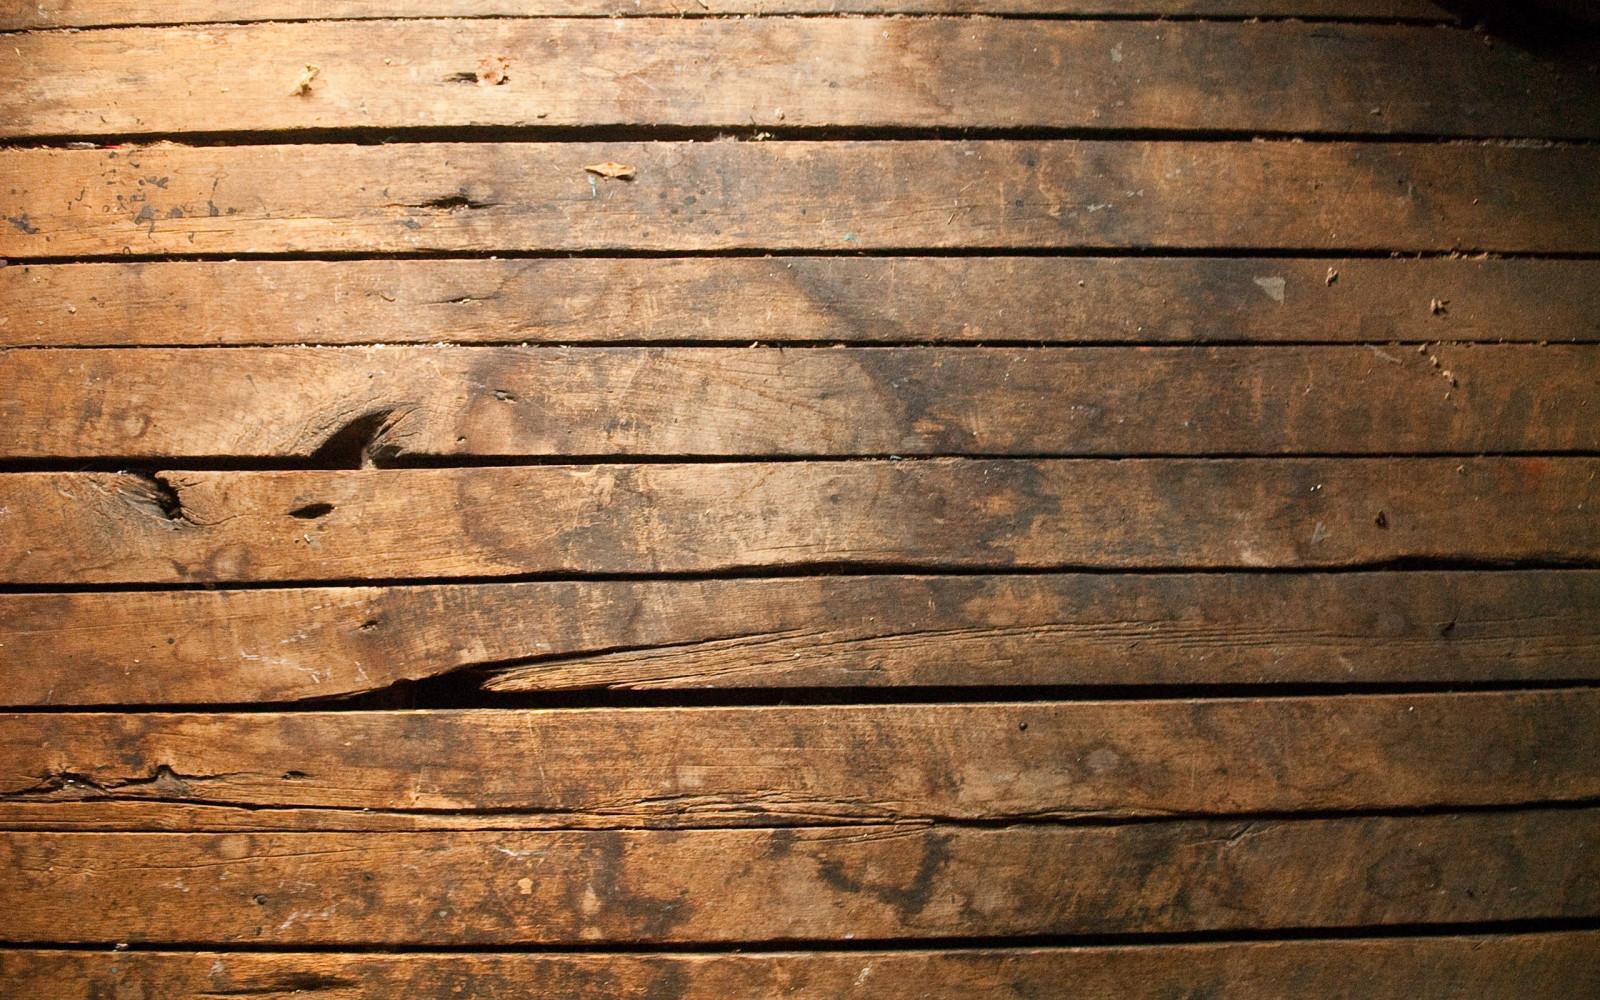 surface en bois mur bois fermer texture bois feuille sol ligne feuillus fermer sol parquet tache